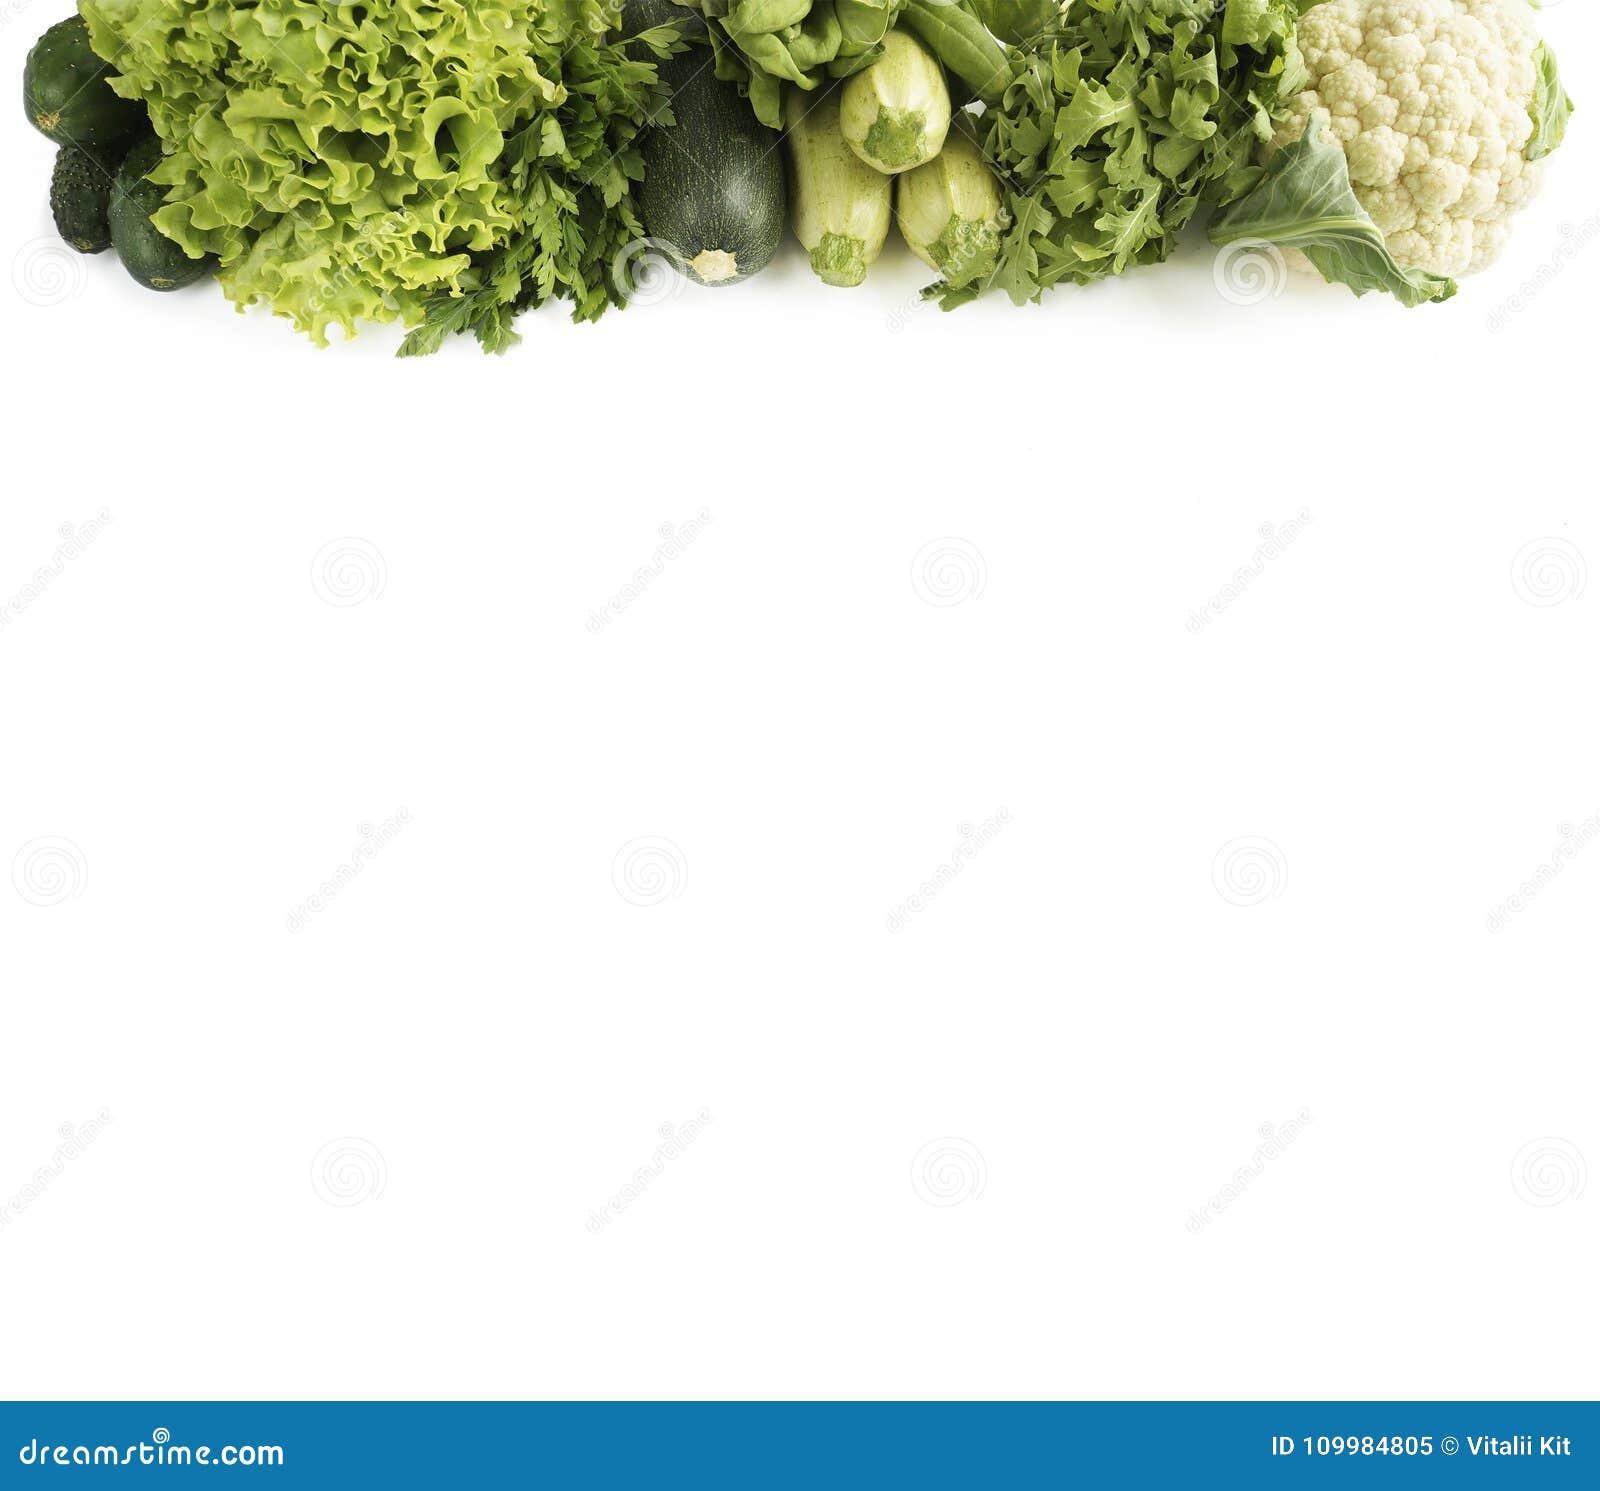 Beschneidungspfad eingeschlossen Vielzahl des grünen Gemüses und der Früchte auf Weiß Gurke, Blumenkohl, Zucchini, Arugula und Ko